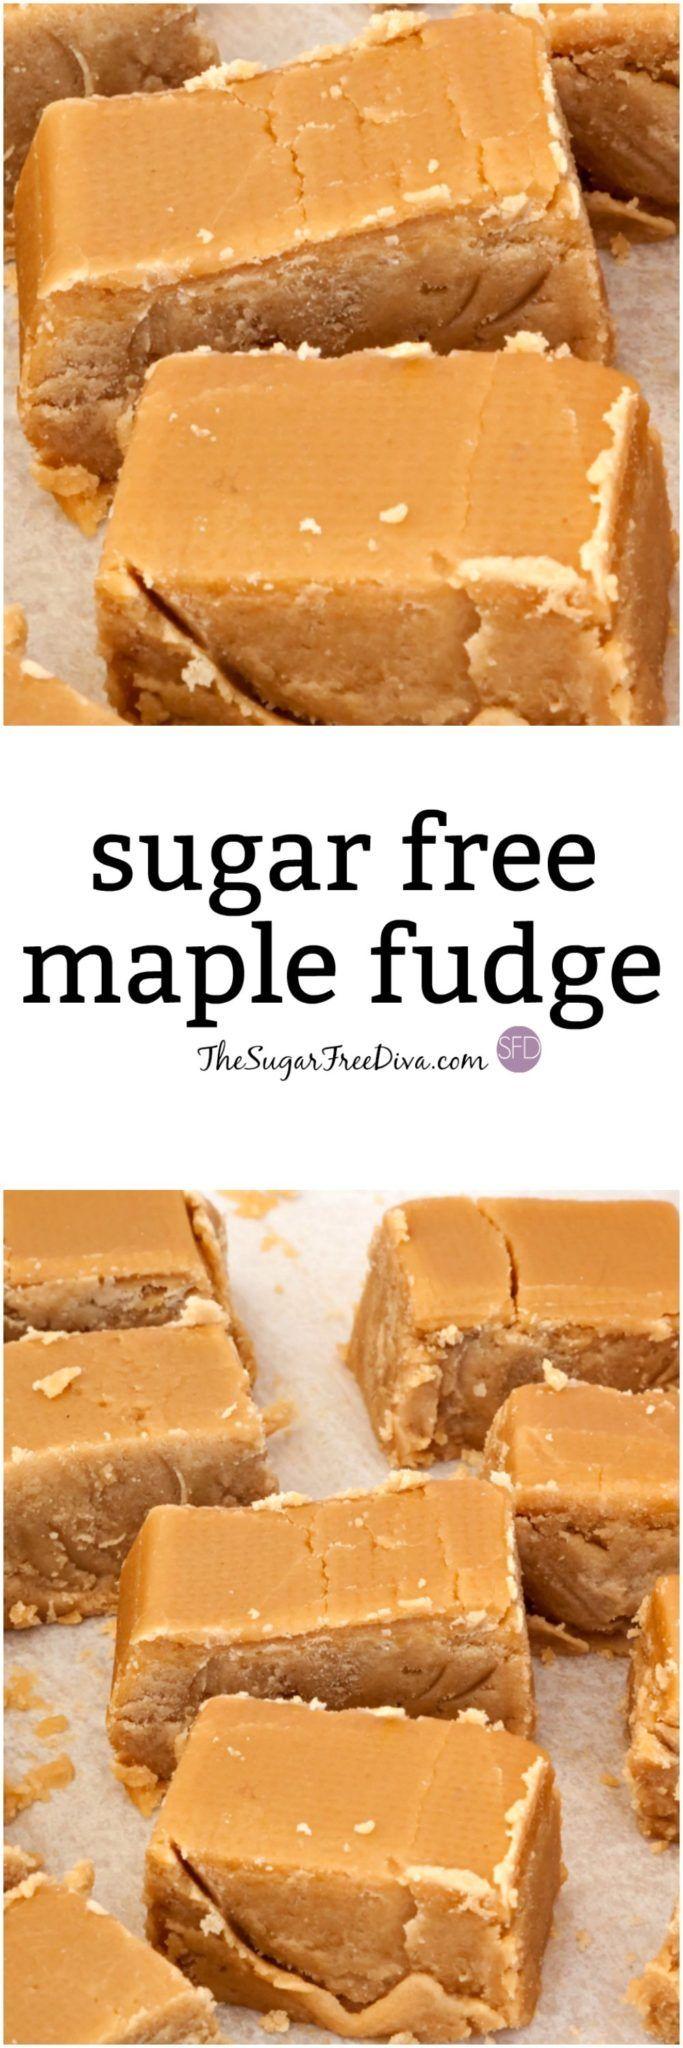 This is a delicious recipe for Sugar Free Maple Fudge!  via @thesugarfreediva